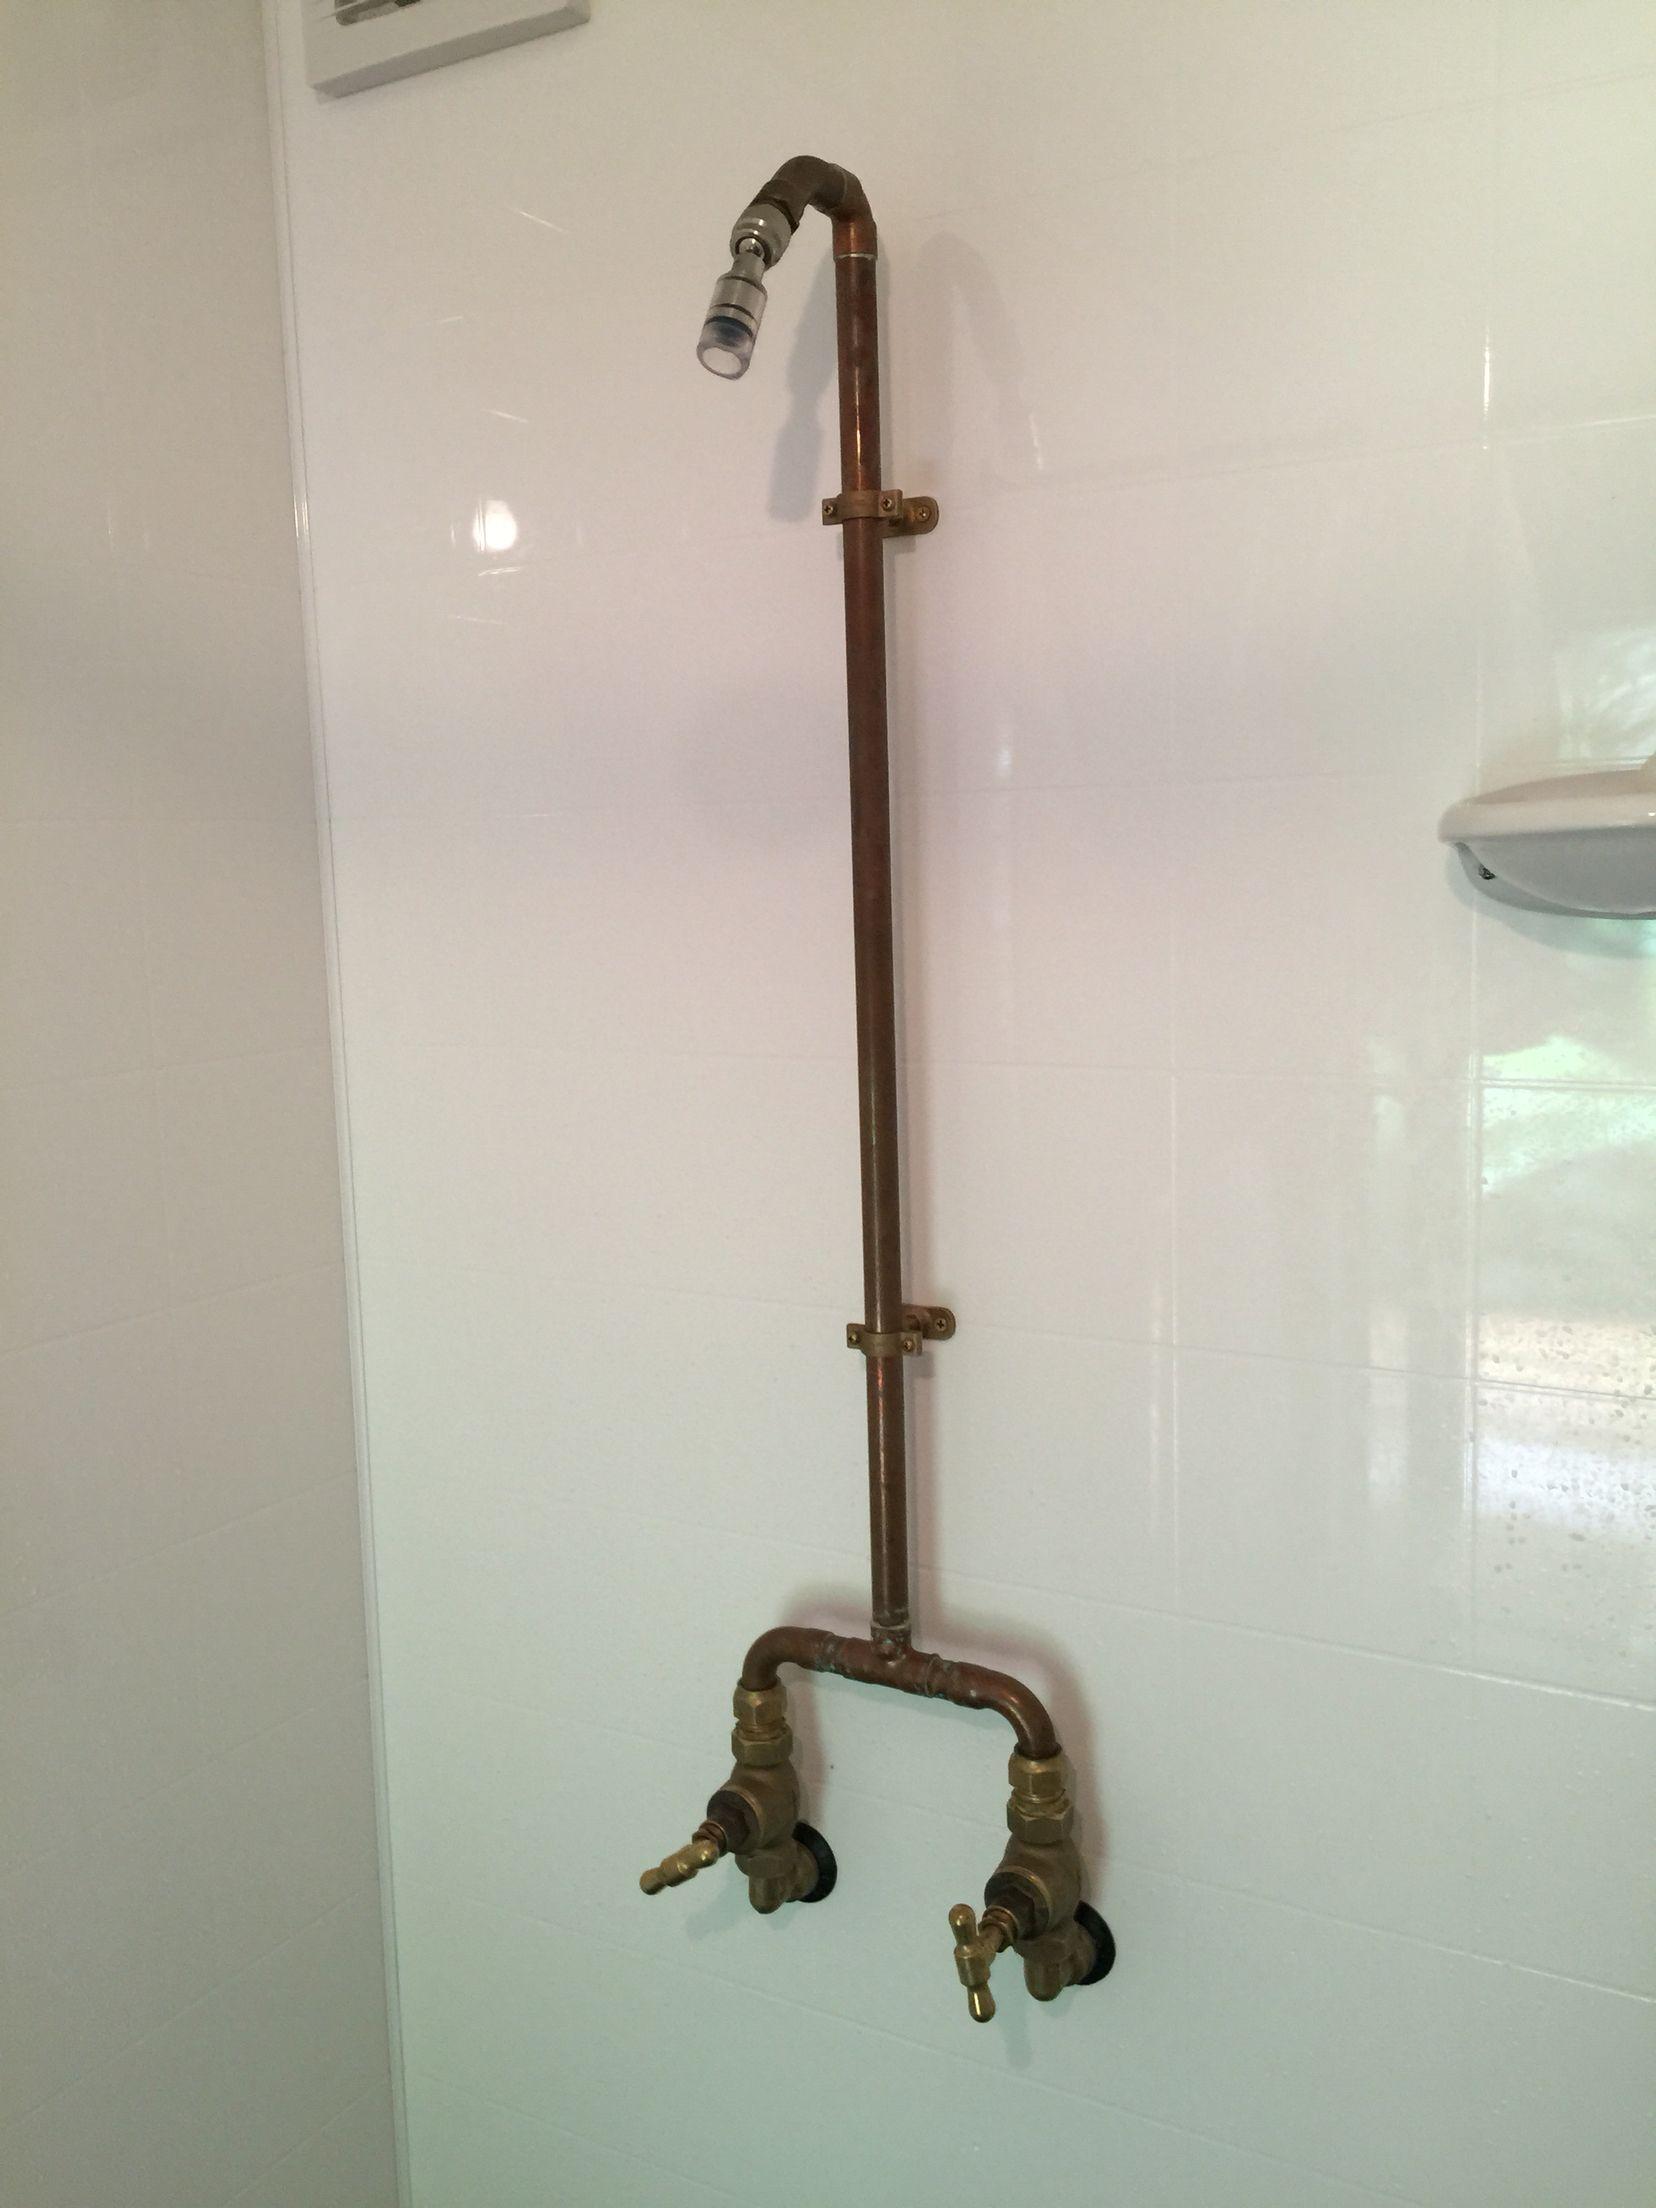 Fabricated copper/brass shower mixer featuring HighSierra low flow ...